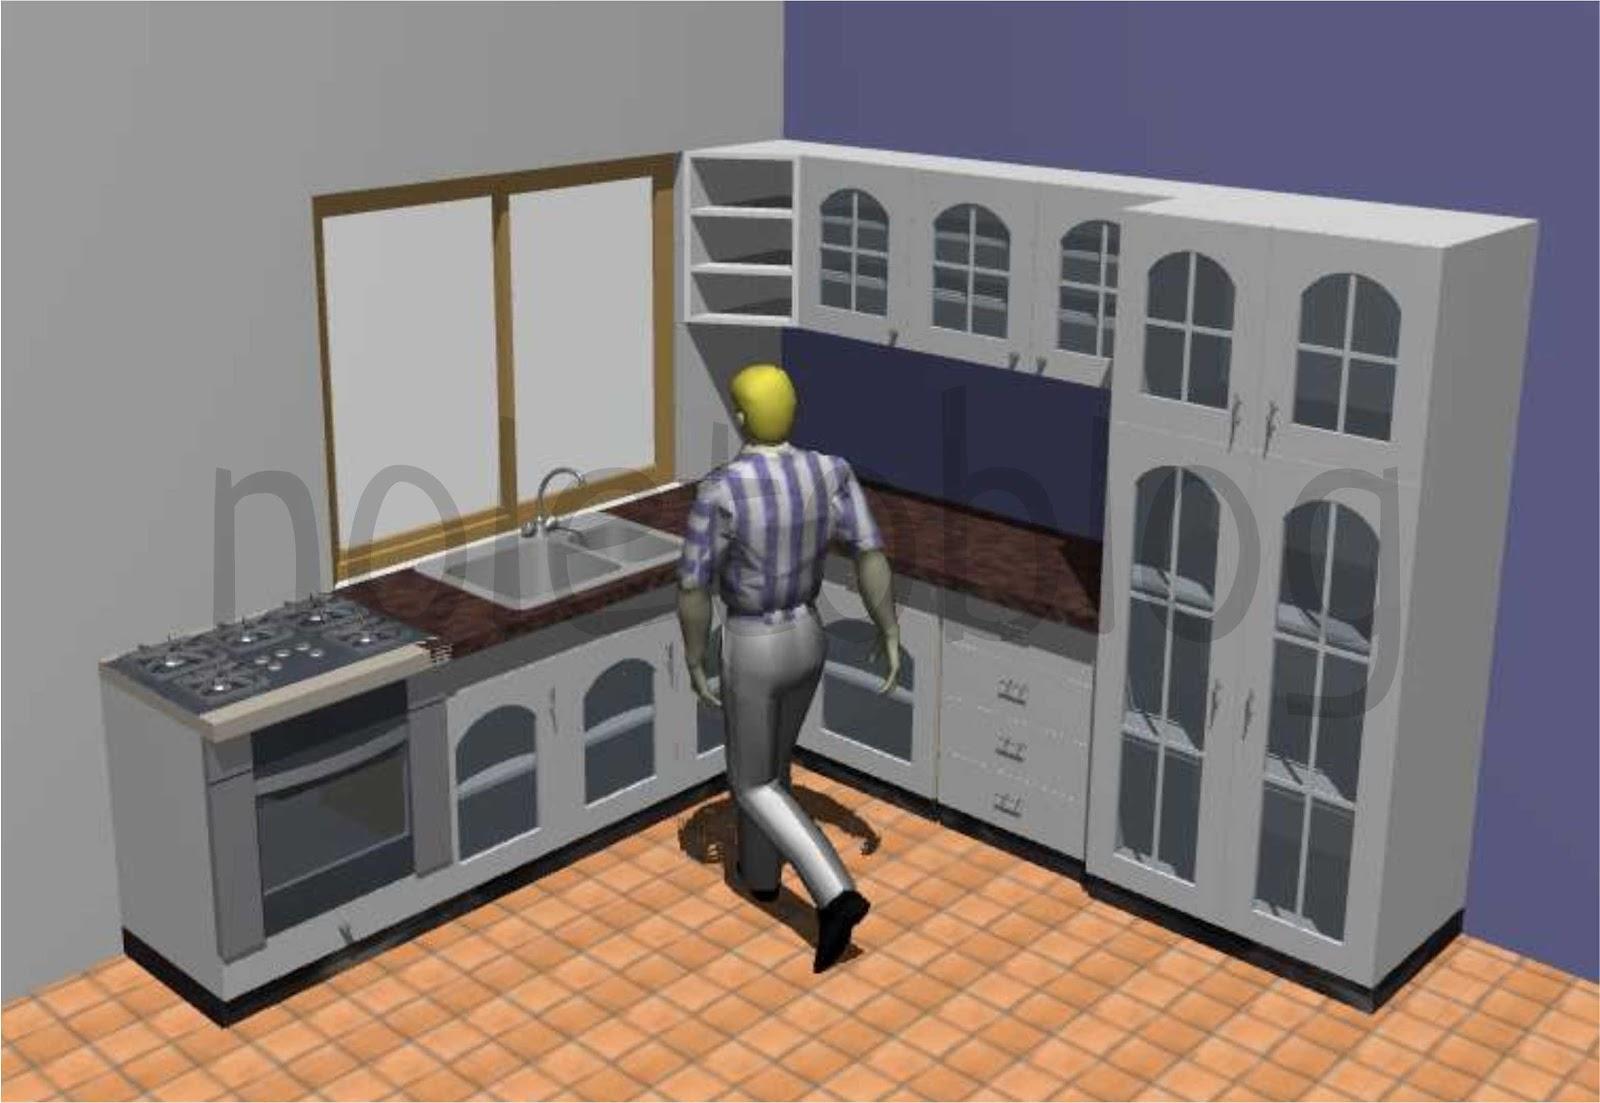 noletoblog: Objetos de ArchiCAD #1: Móveis de Cozinha #A26029 1600x1103